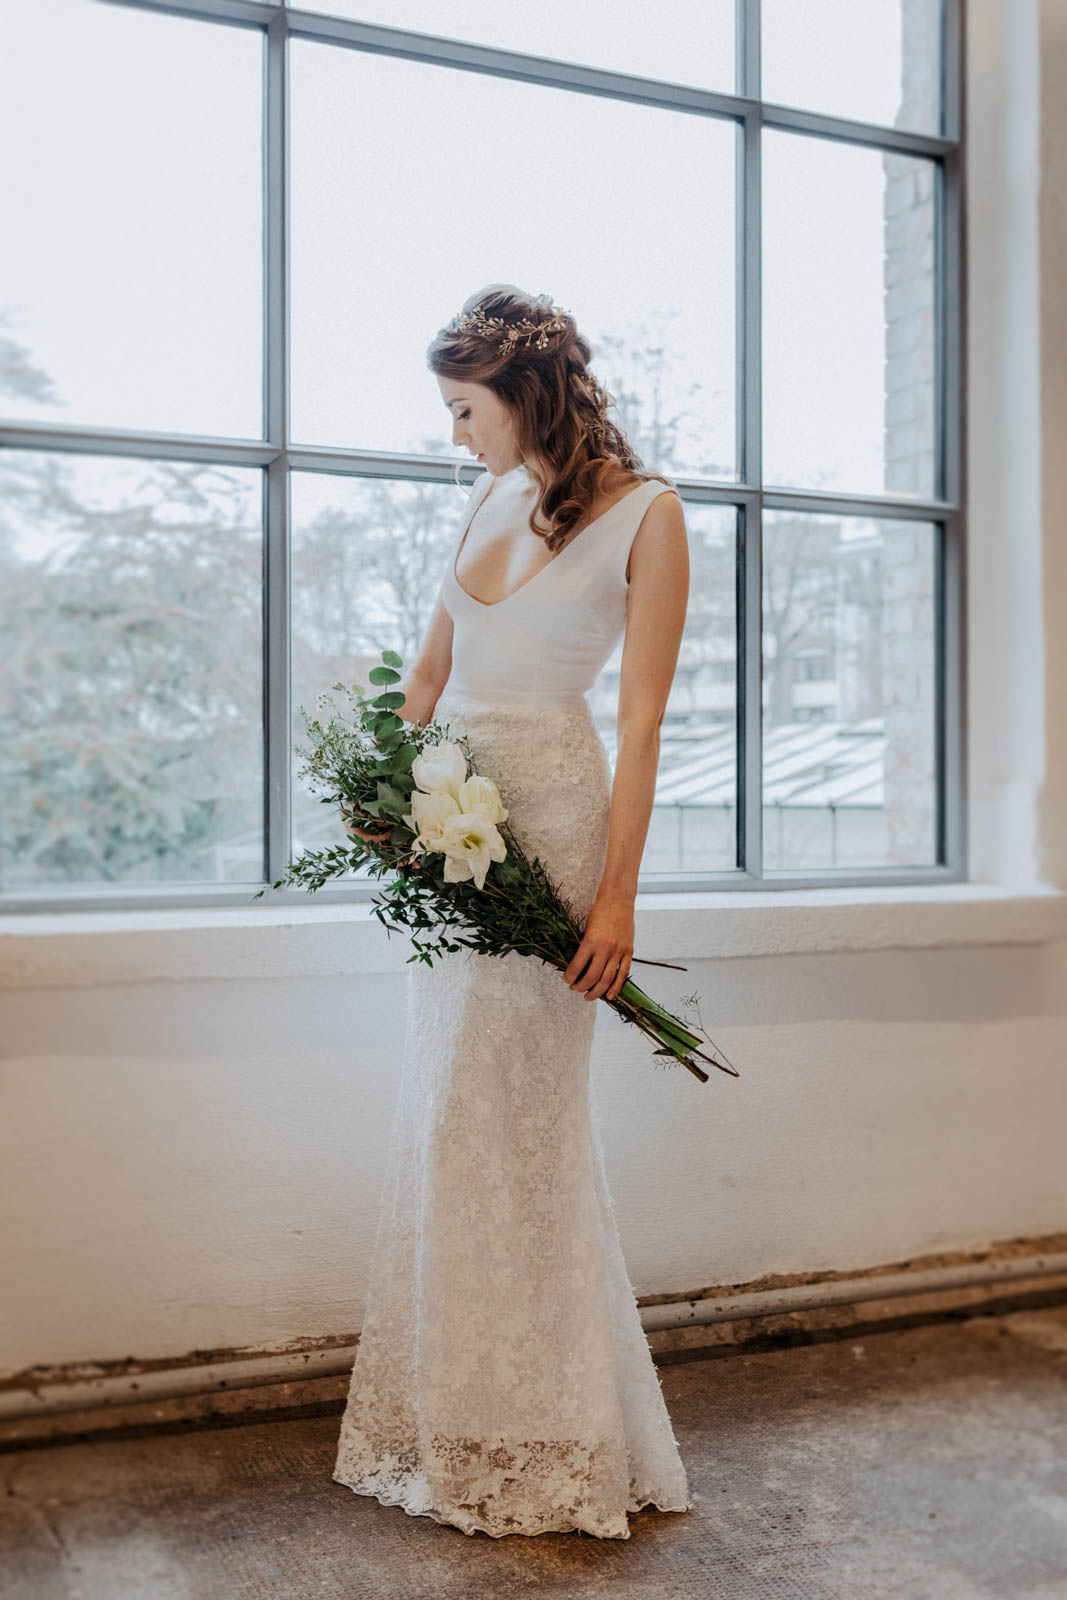 Hochzeitskleid mit Spitzenrock – gesehen bei frauimmer-herrewig.de